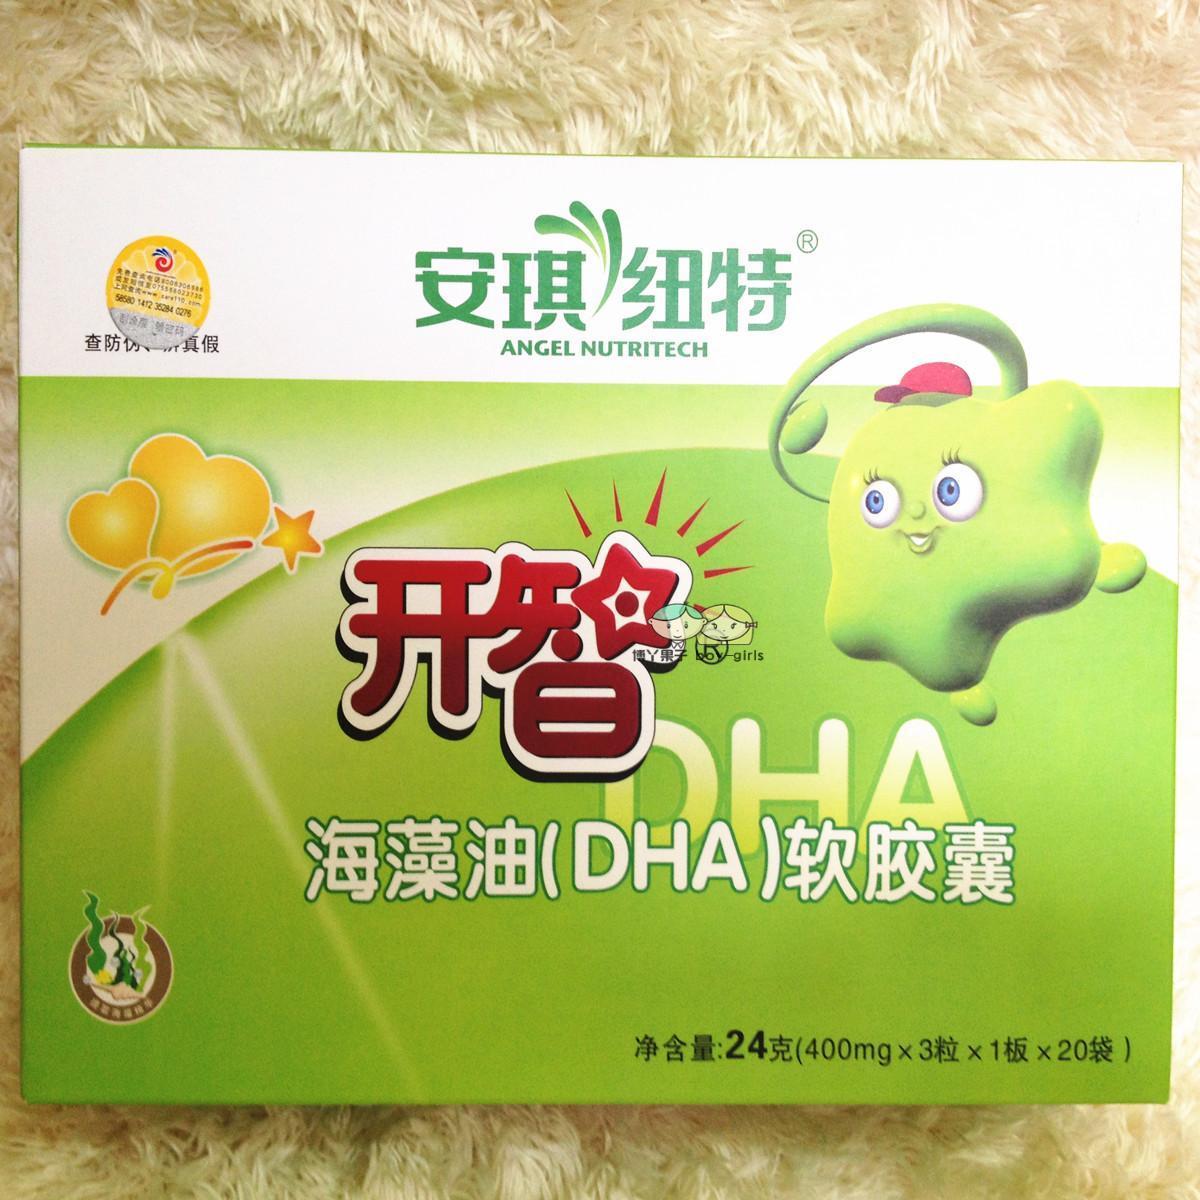 安琪纽特 开智海藻油(dha)软胶囊 宝宝营养保健品 20袋